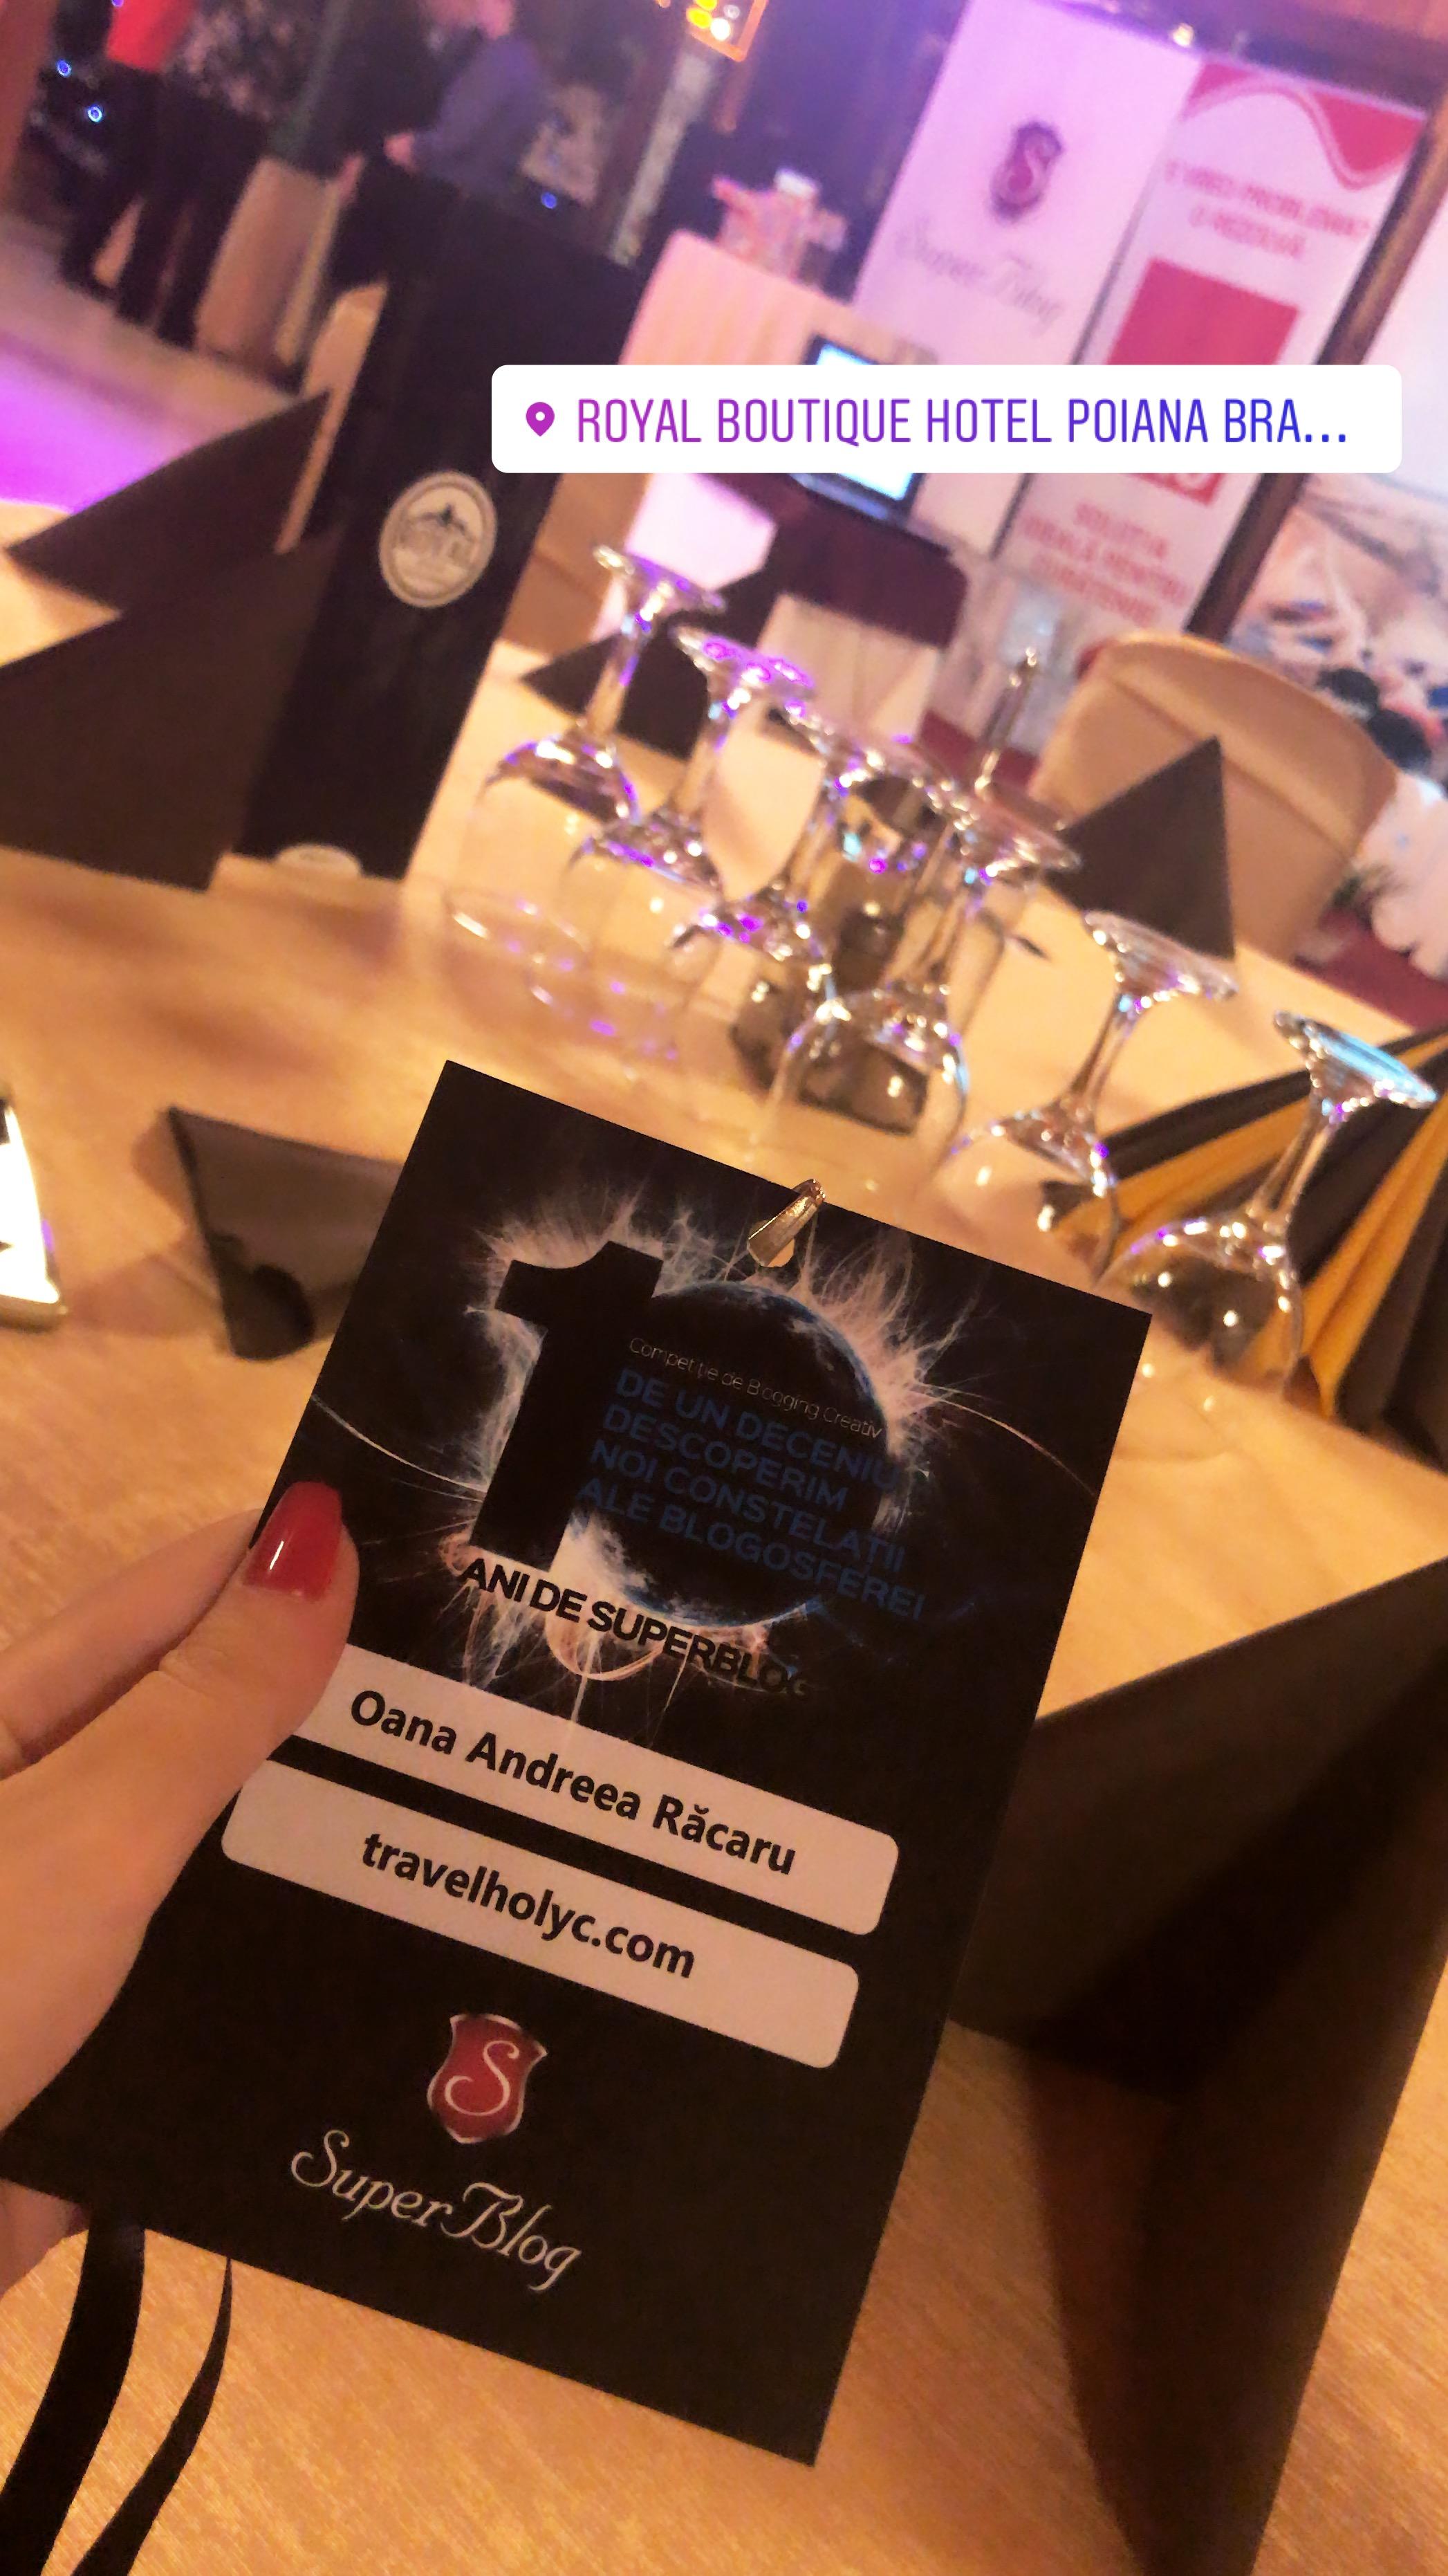 Superblog 2018 Premii